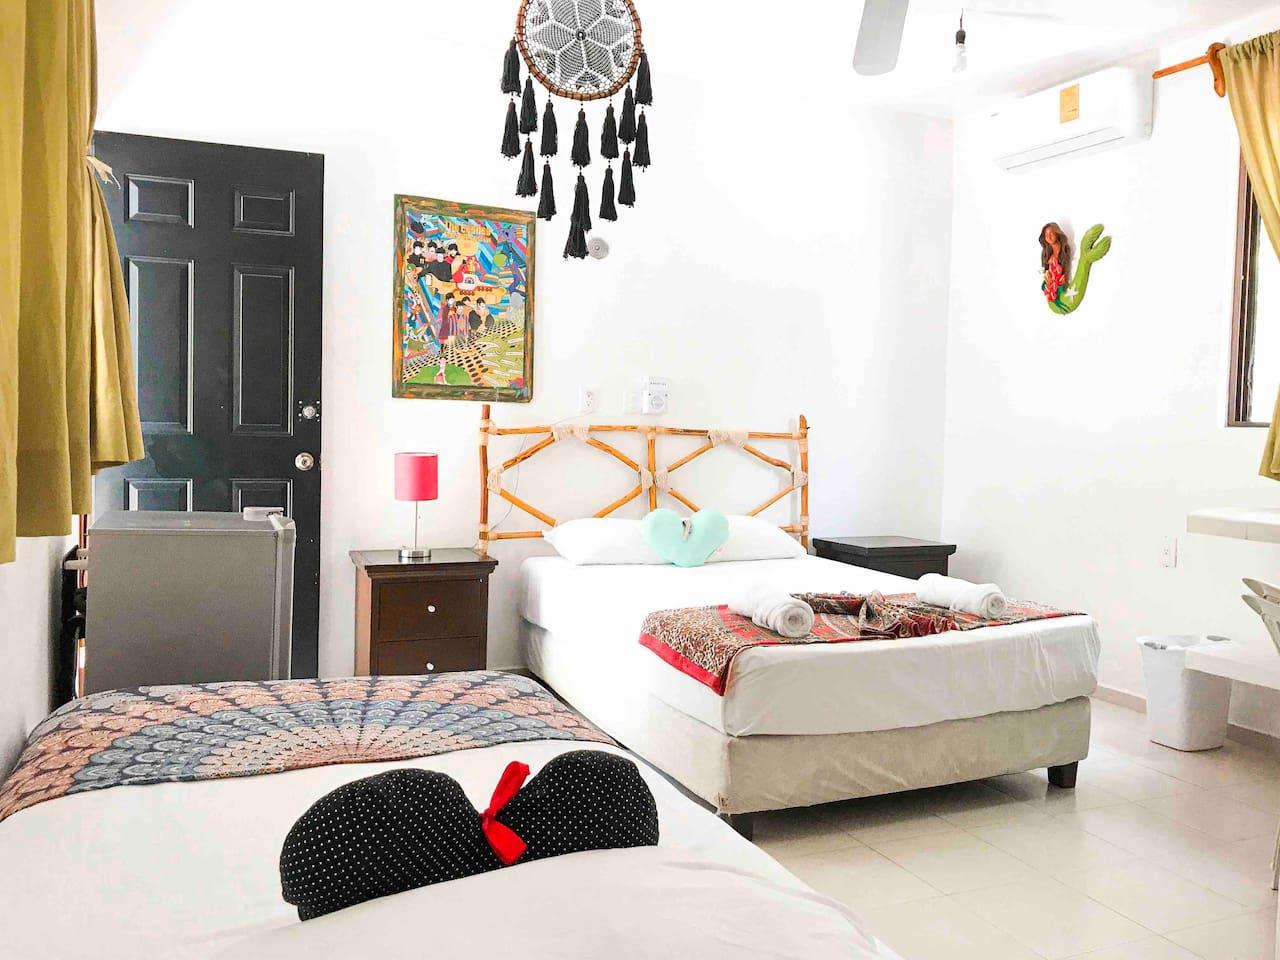 Recamara para 3 (1 Cama matrimonial y 1 Individual) en planta baja, con Aire Acondicionado, cocineta, refri y Baño privado.